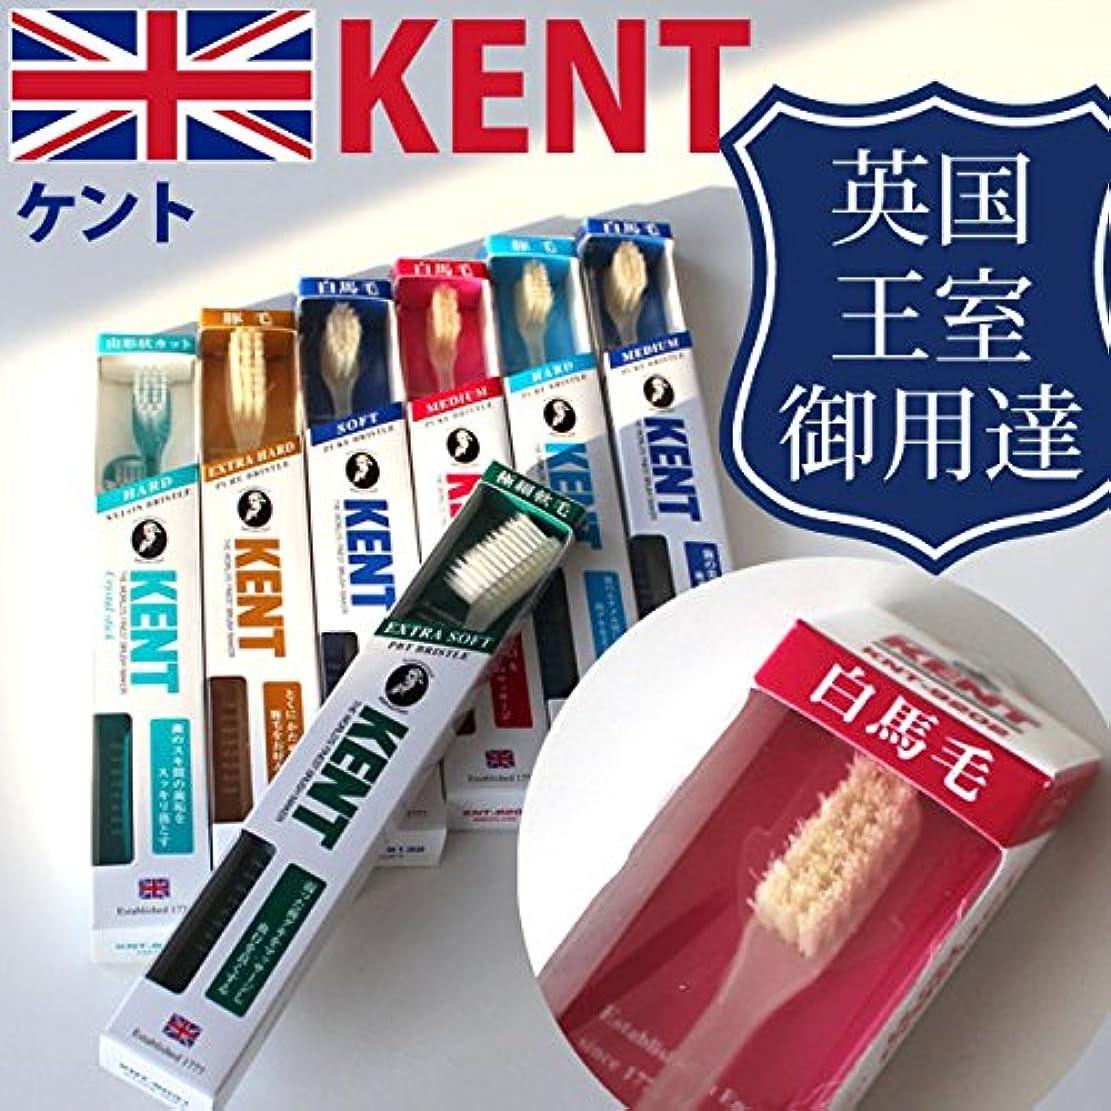 援助するスキッパー簡単なケント KENT 白馬毛 超コンパクト歯ブラシ KNT-9102/9202 6本入り 他のコンパクトヘッドに比べて歯 やわらかめ